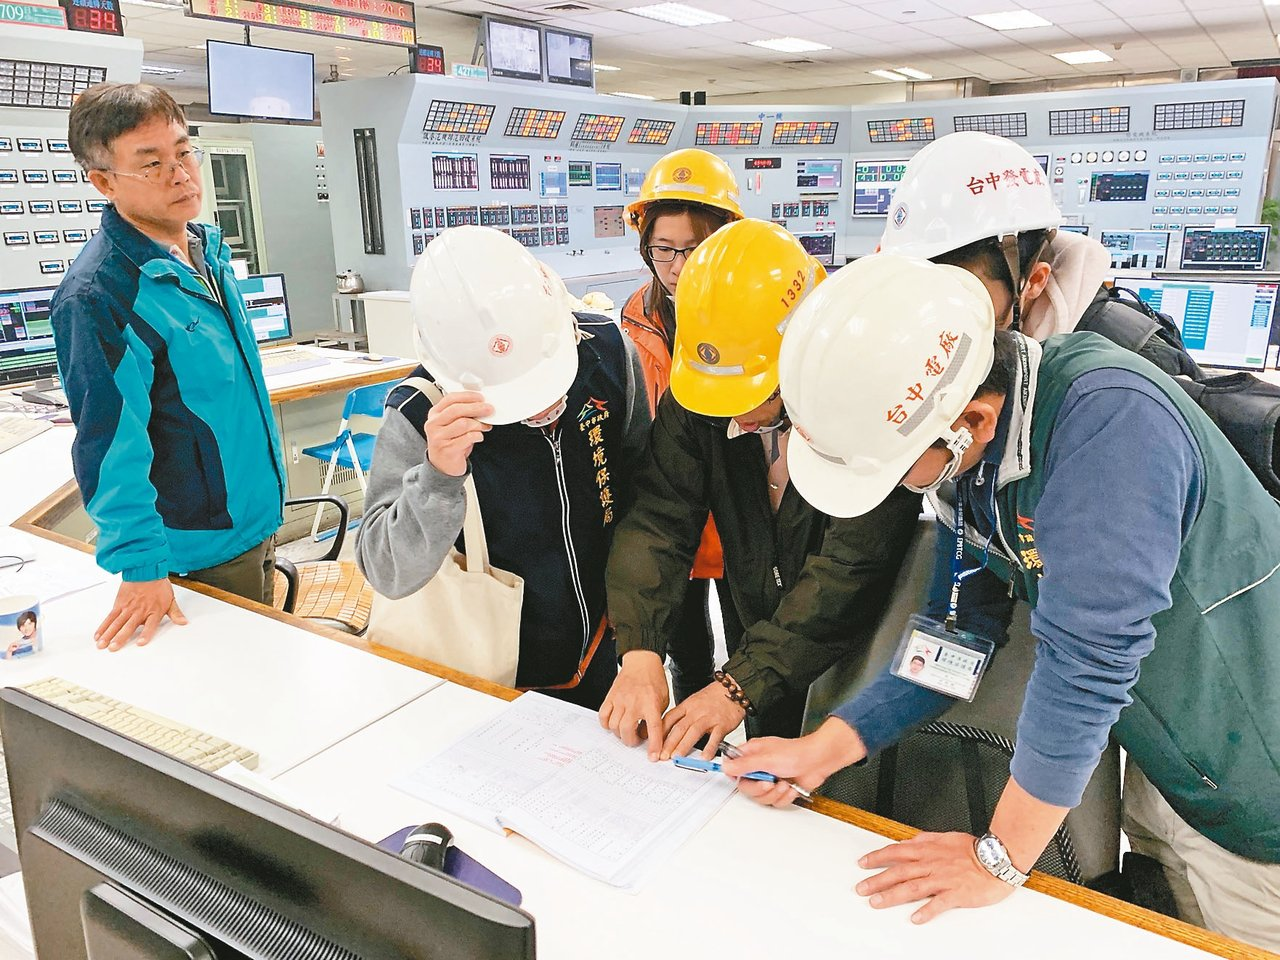 台中市環保局昨天到台中火力電廠複查,針對繼續使用生煤超量開罰六百萬元。 圖/台中...